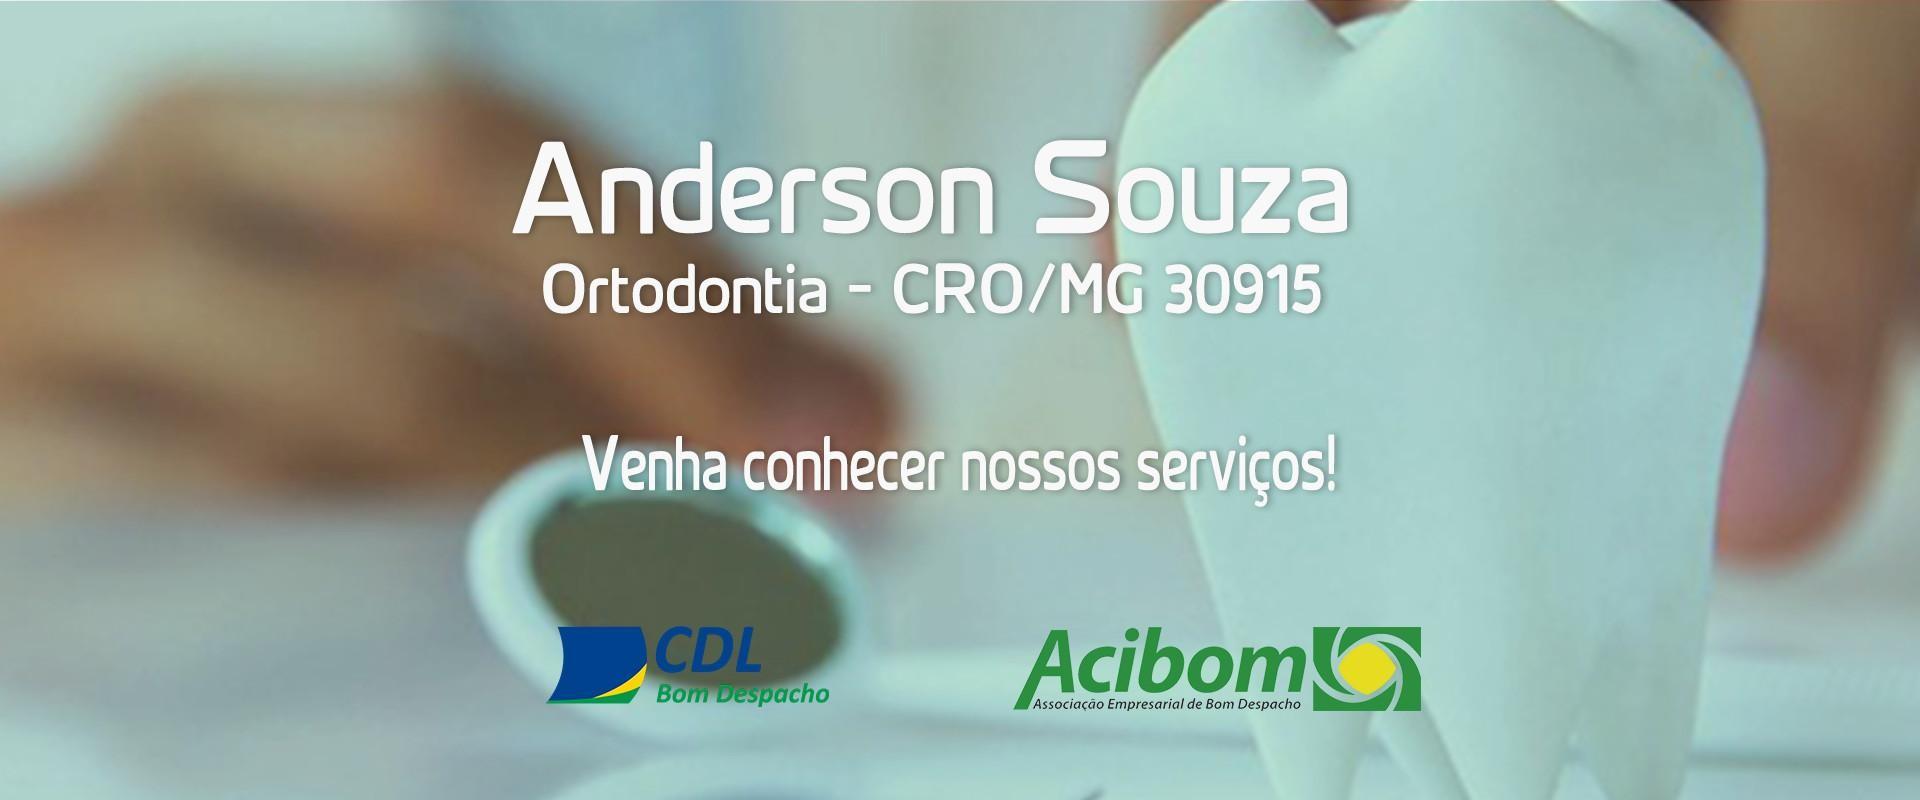 PARCERIAS - ANDERSON ORTODONTIA